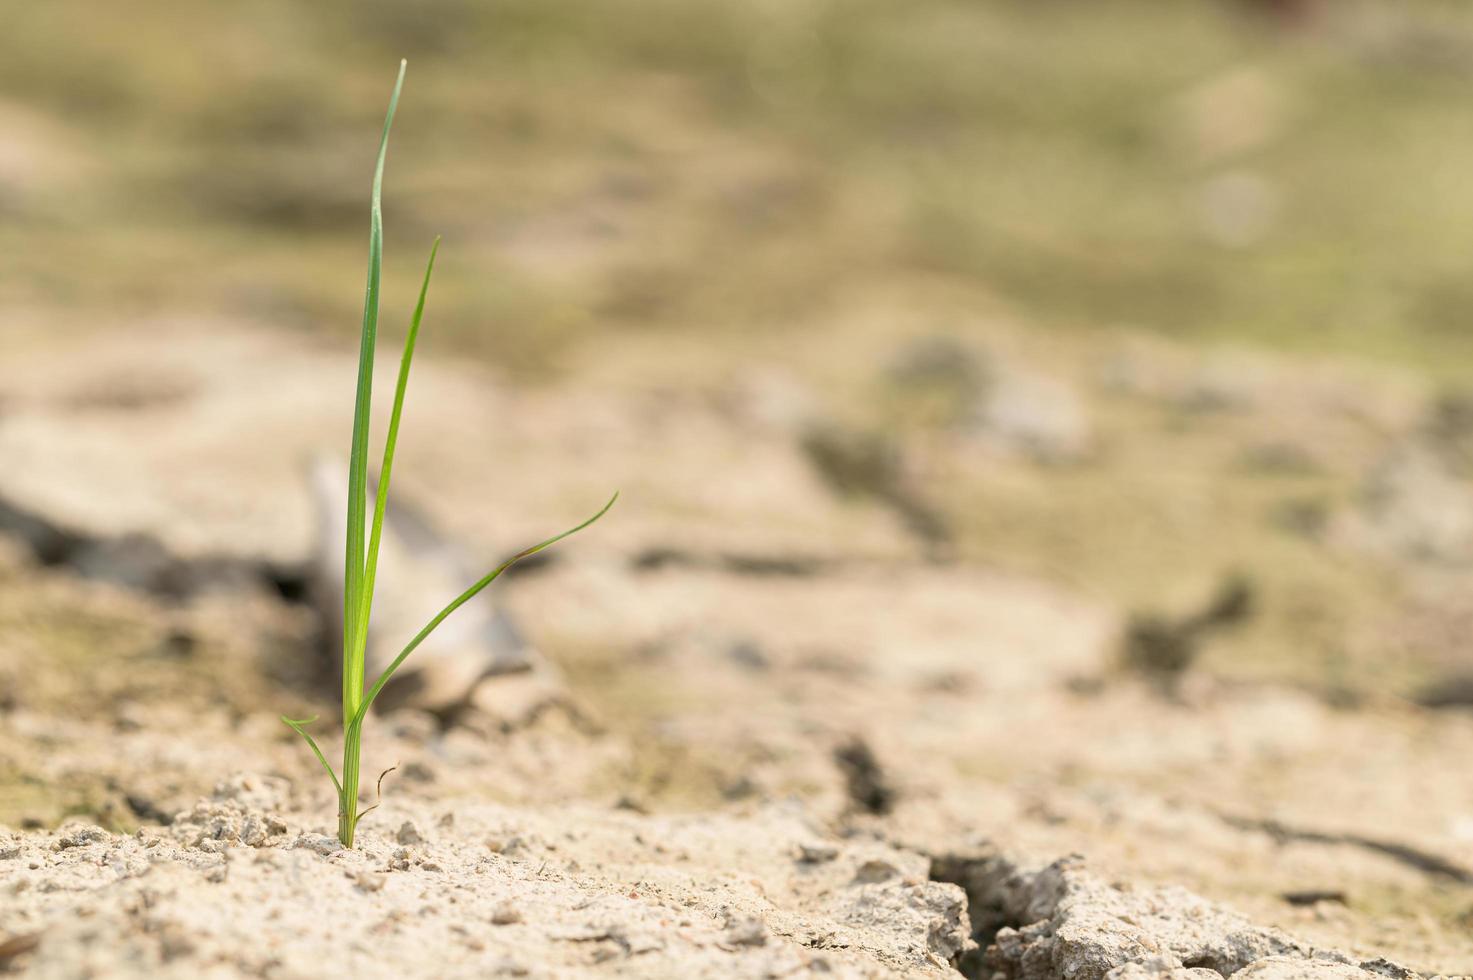 grüne Pflanze im trockenen Boden foto